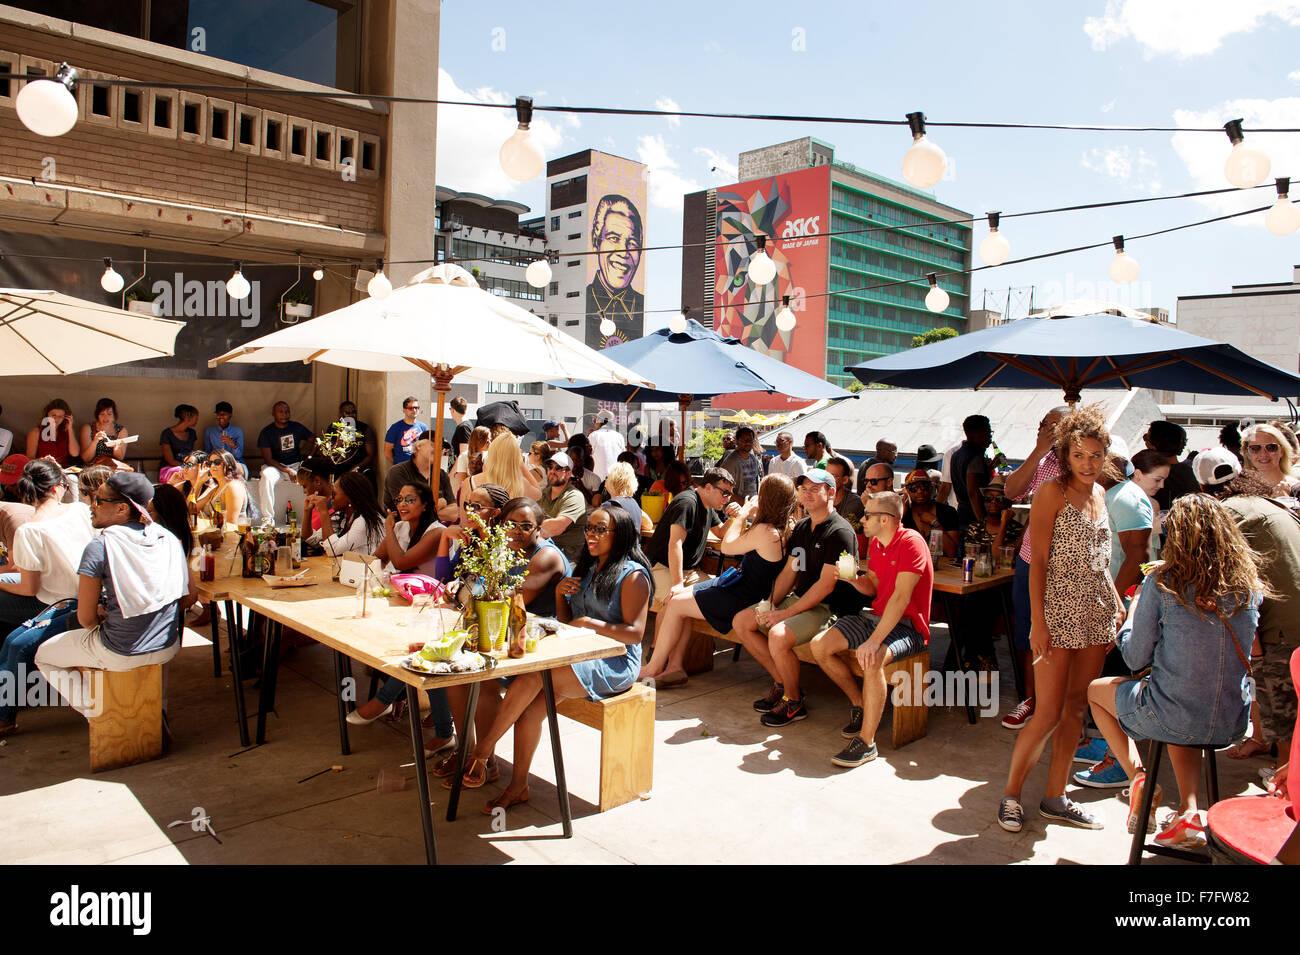 Un bar sur le toit à l'Neighborgoods Market dans le quartier du centre-ville de Braamfontein Johannesburg, Photo Stock